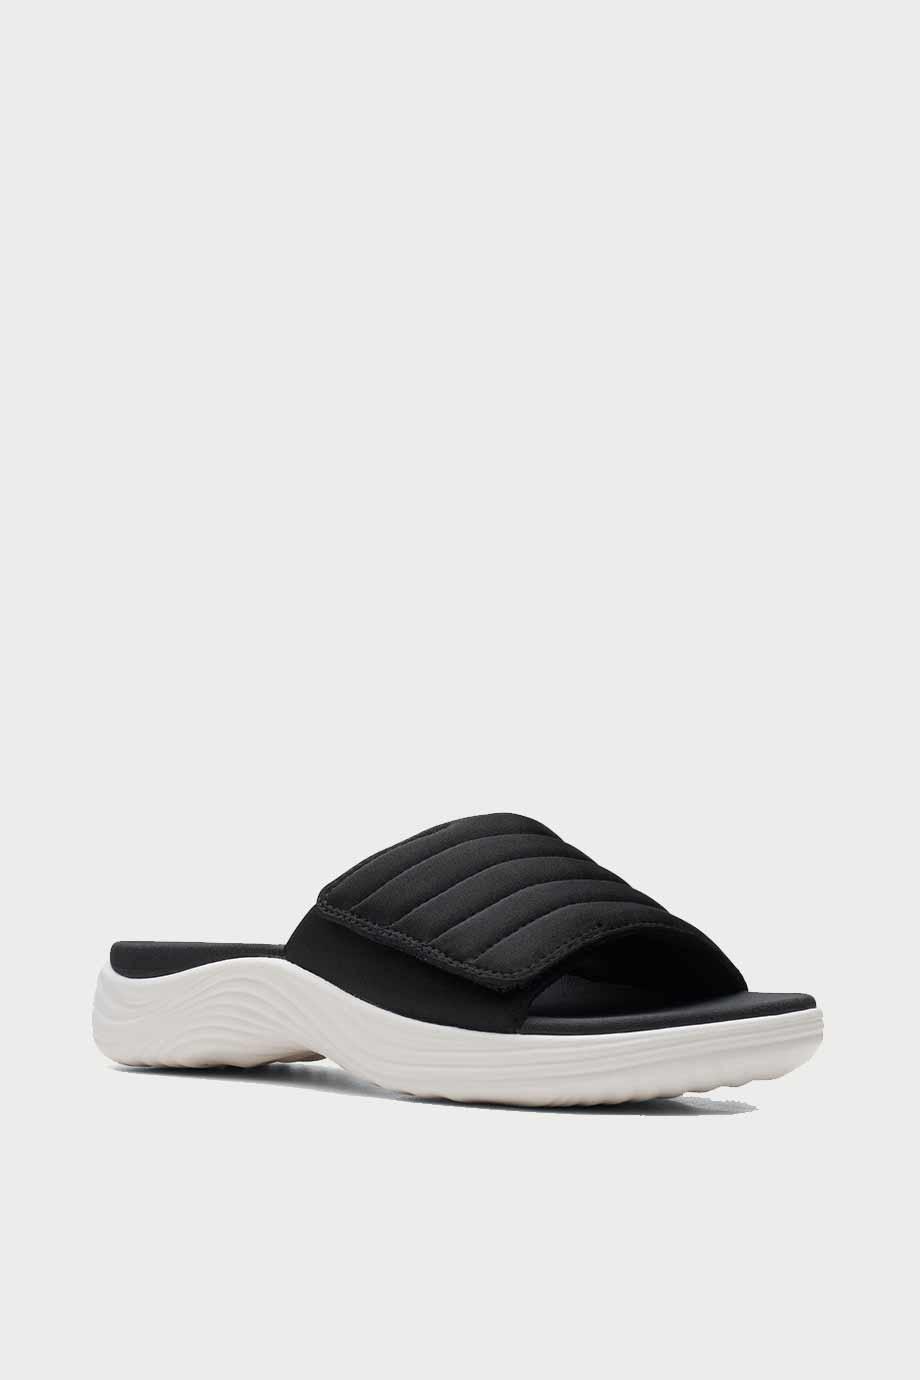 spiridoula metheniti shoes xalkida p Lola Surf clarks black 2